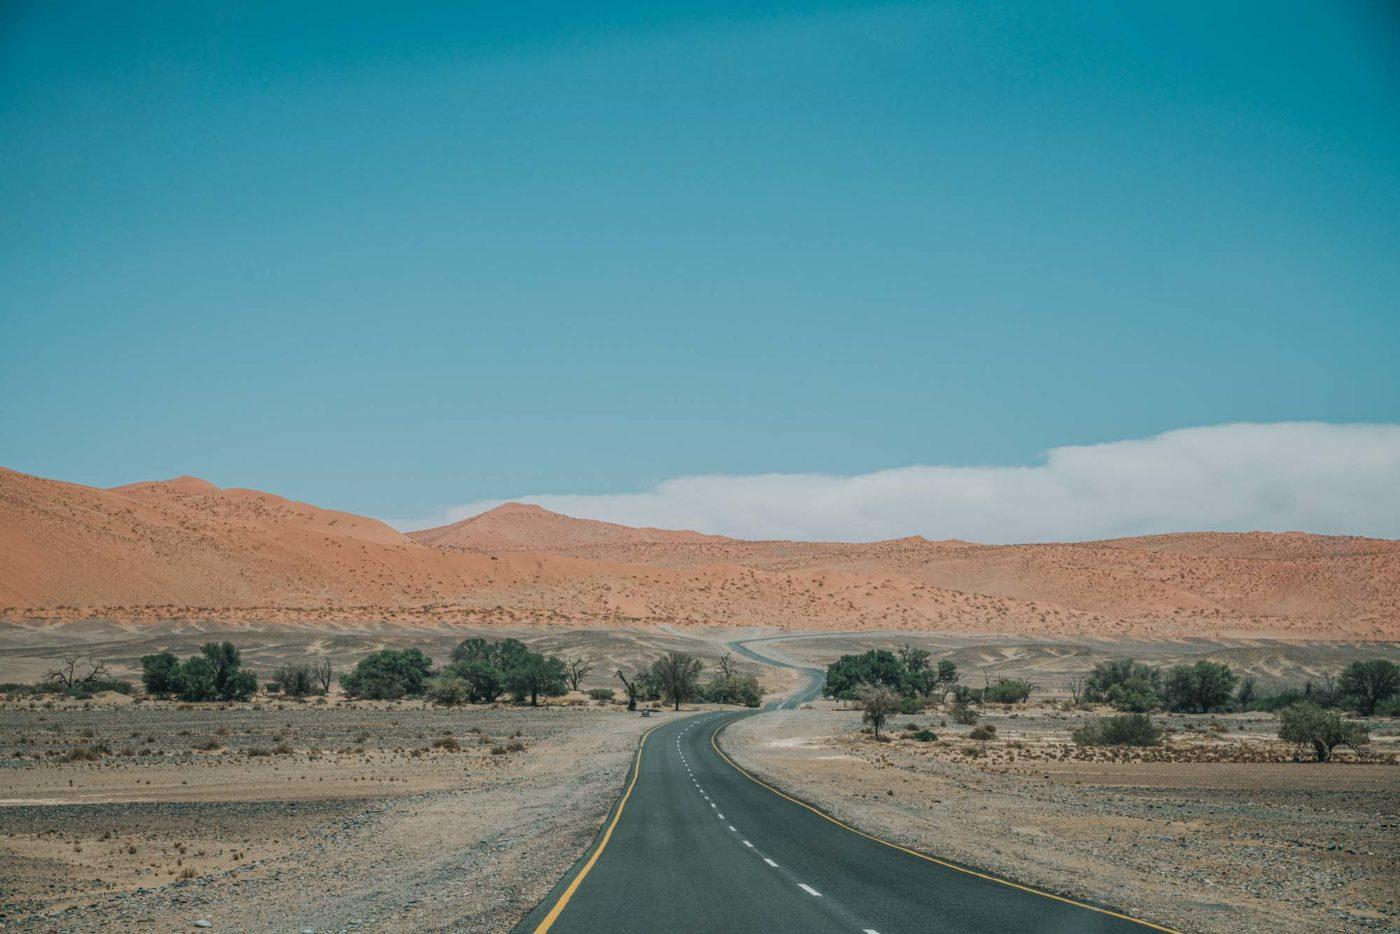 Road to Sossusvlei, Namibia